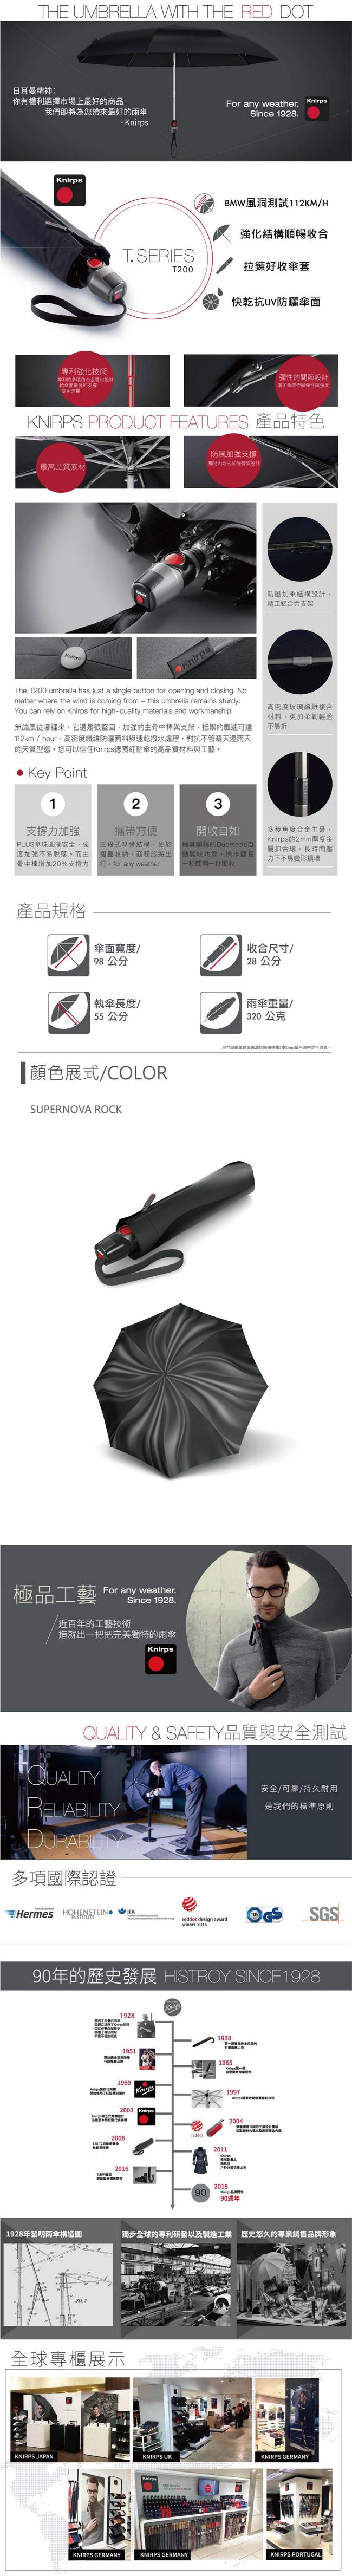 (複製)Knirps德國紅點傘|T.200 自動開收傘- Supernova Jade